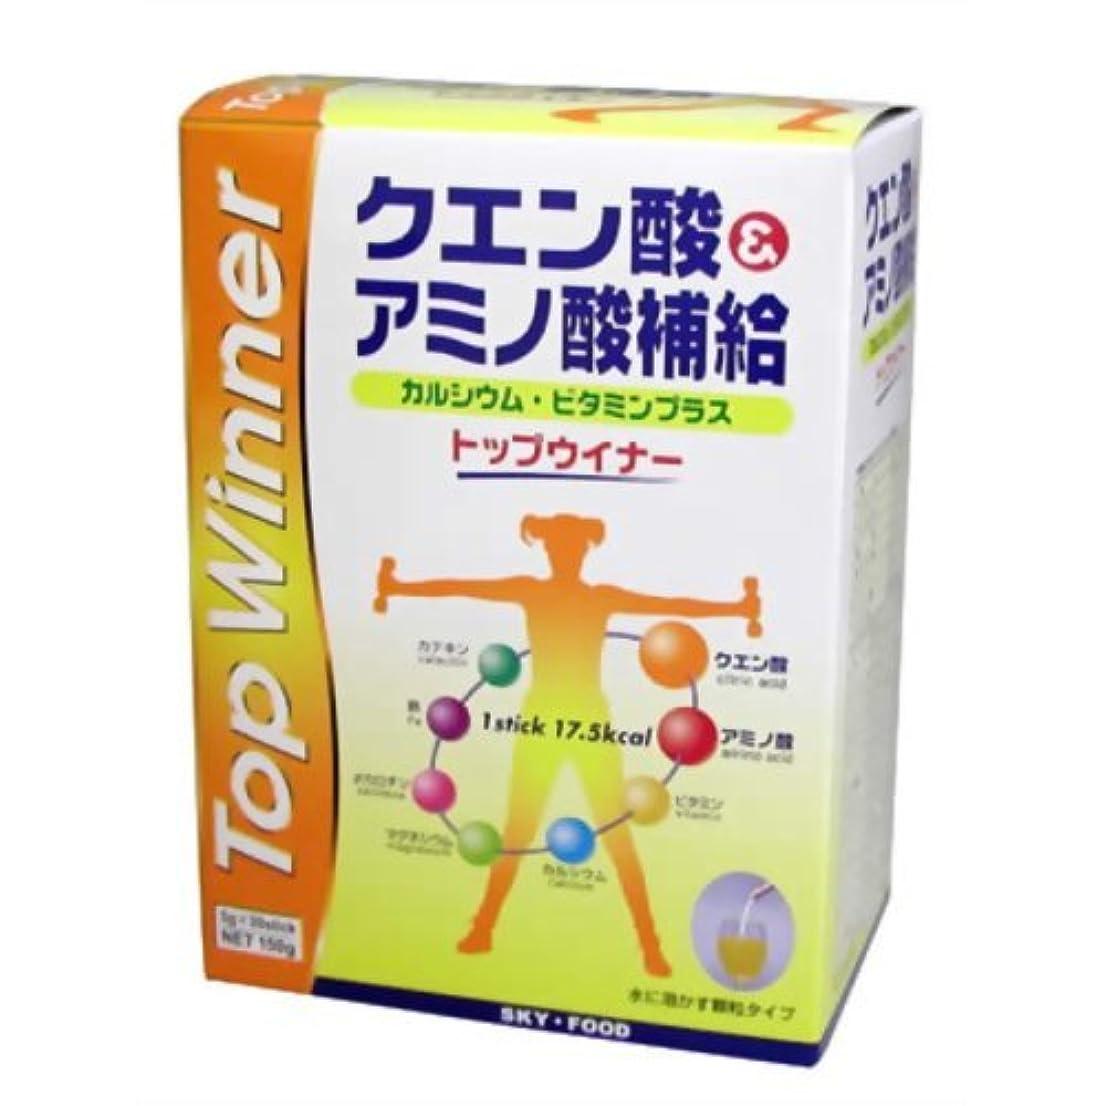 入り口補償肺炎クエン酸&アミノ酸補給 トップウィナー 5g×30袋